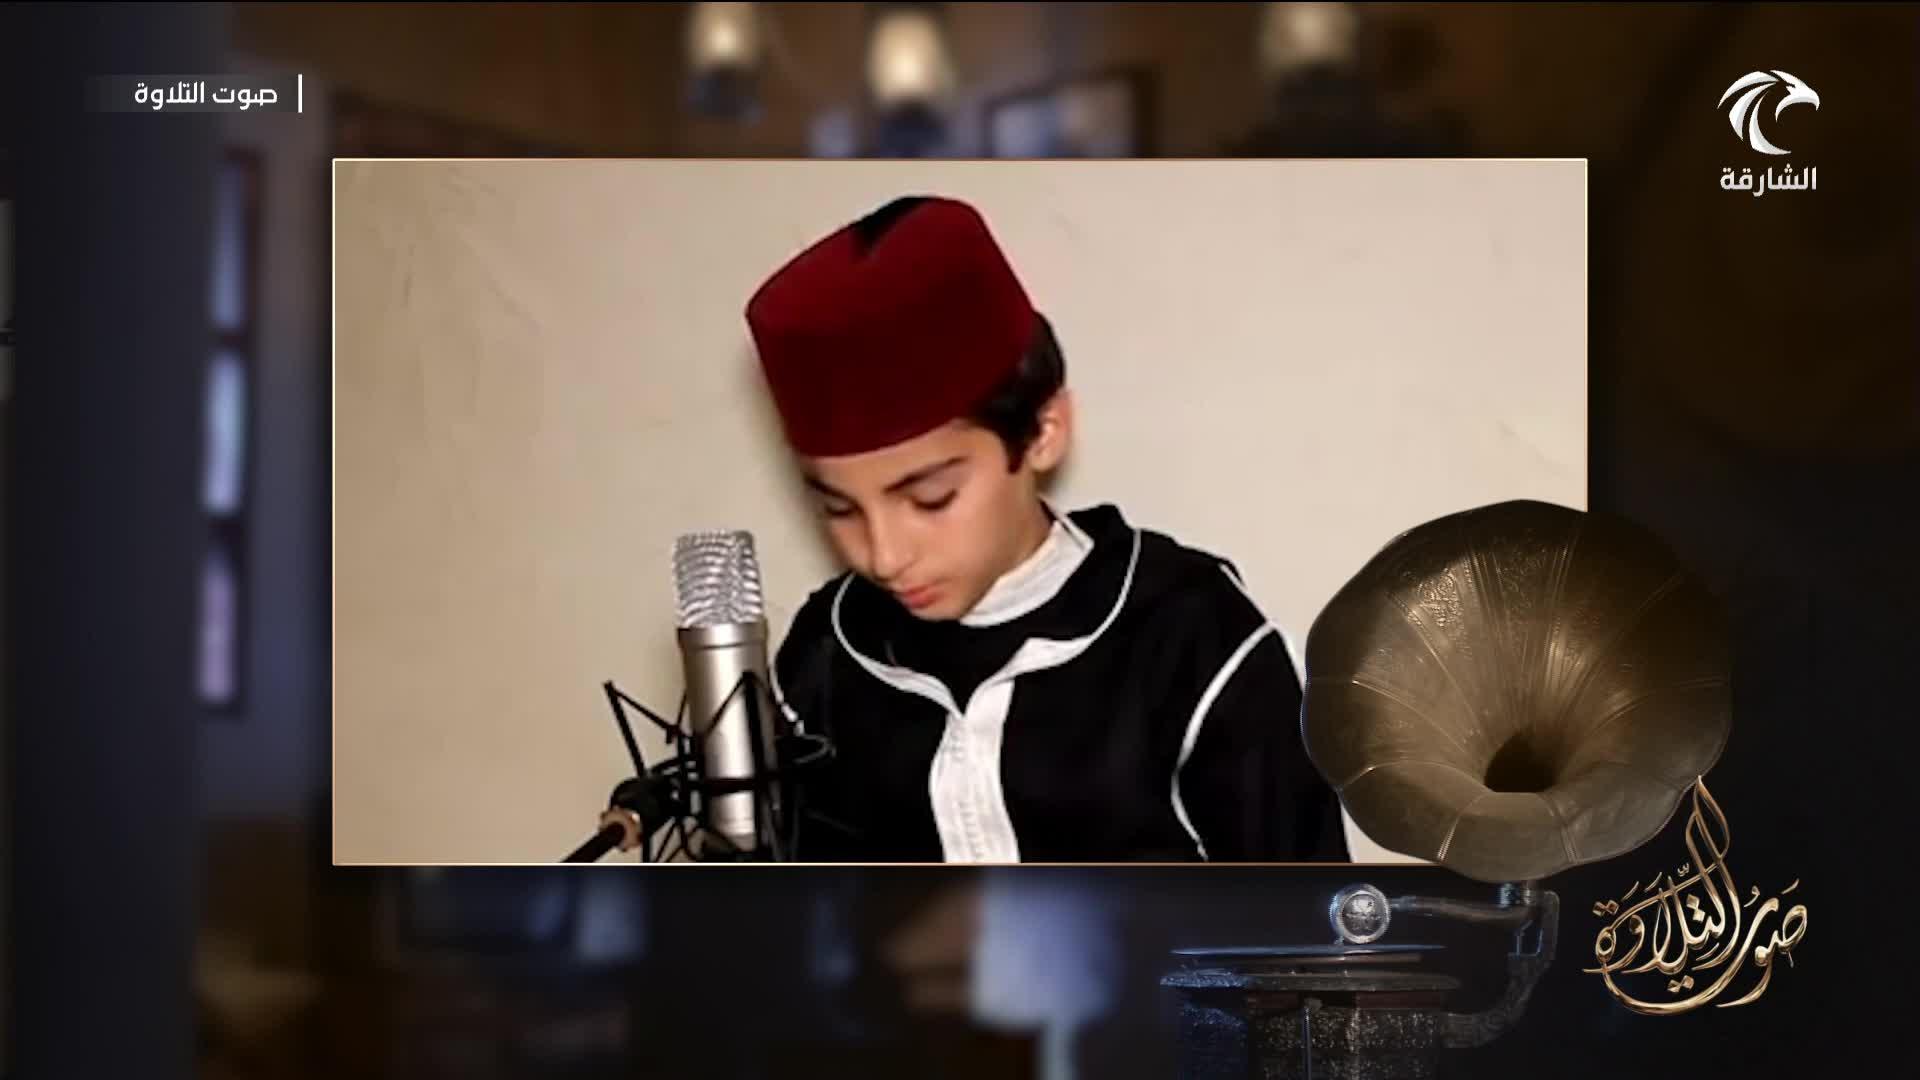 تعليم الصغار تلاوة القرآن